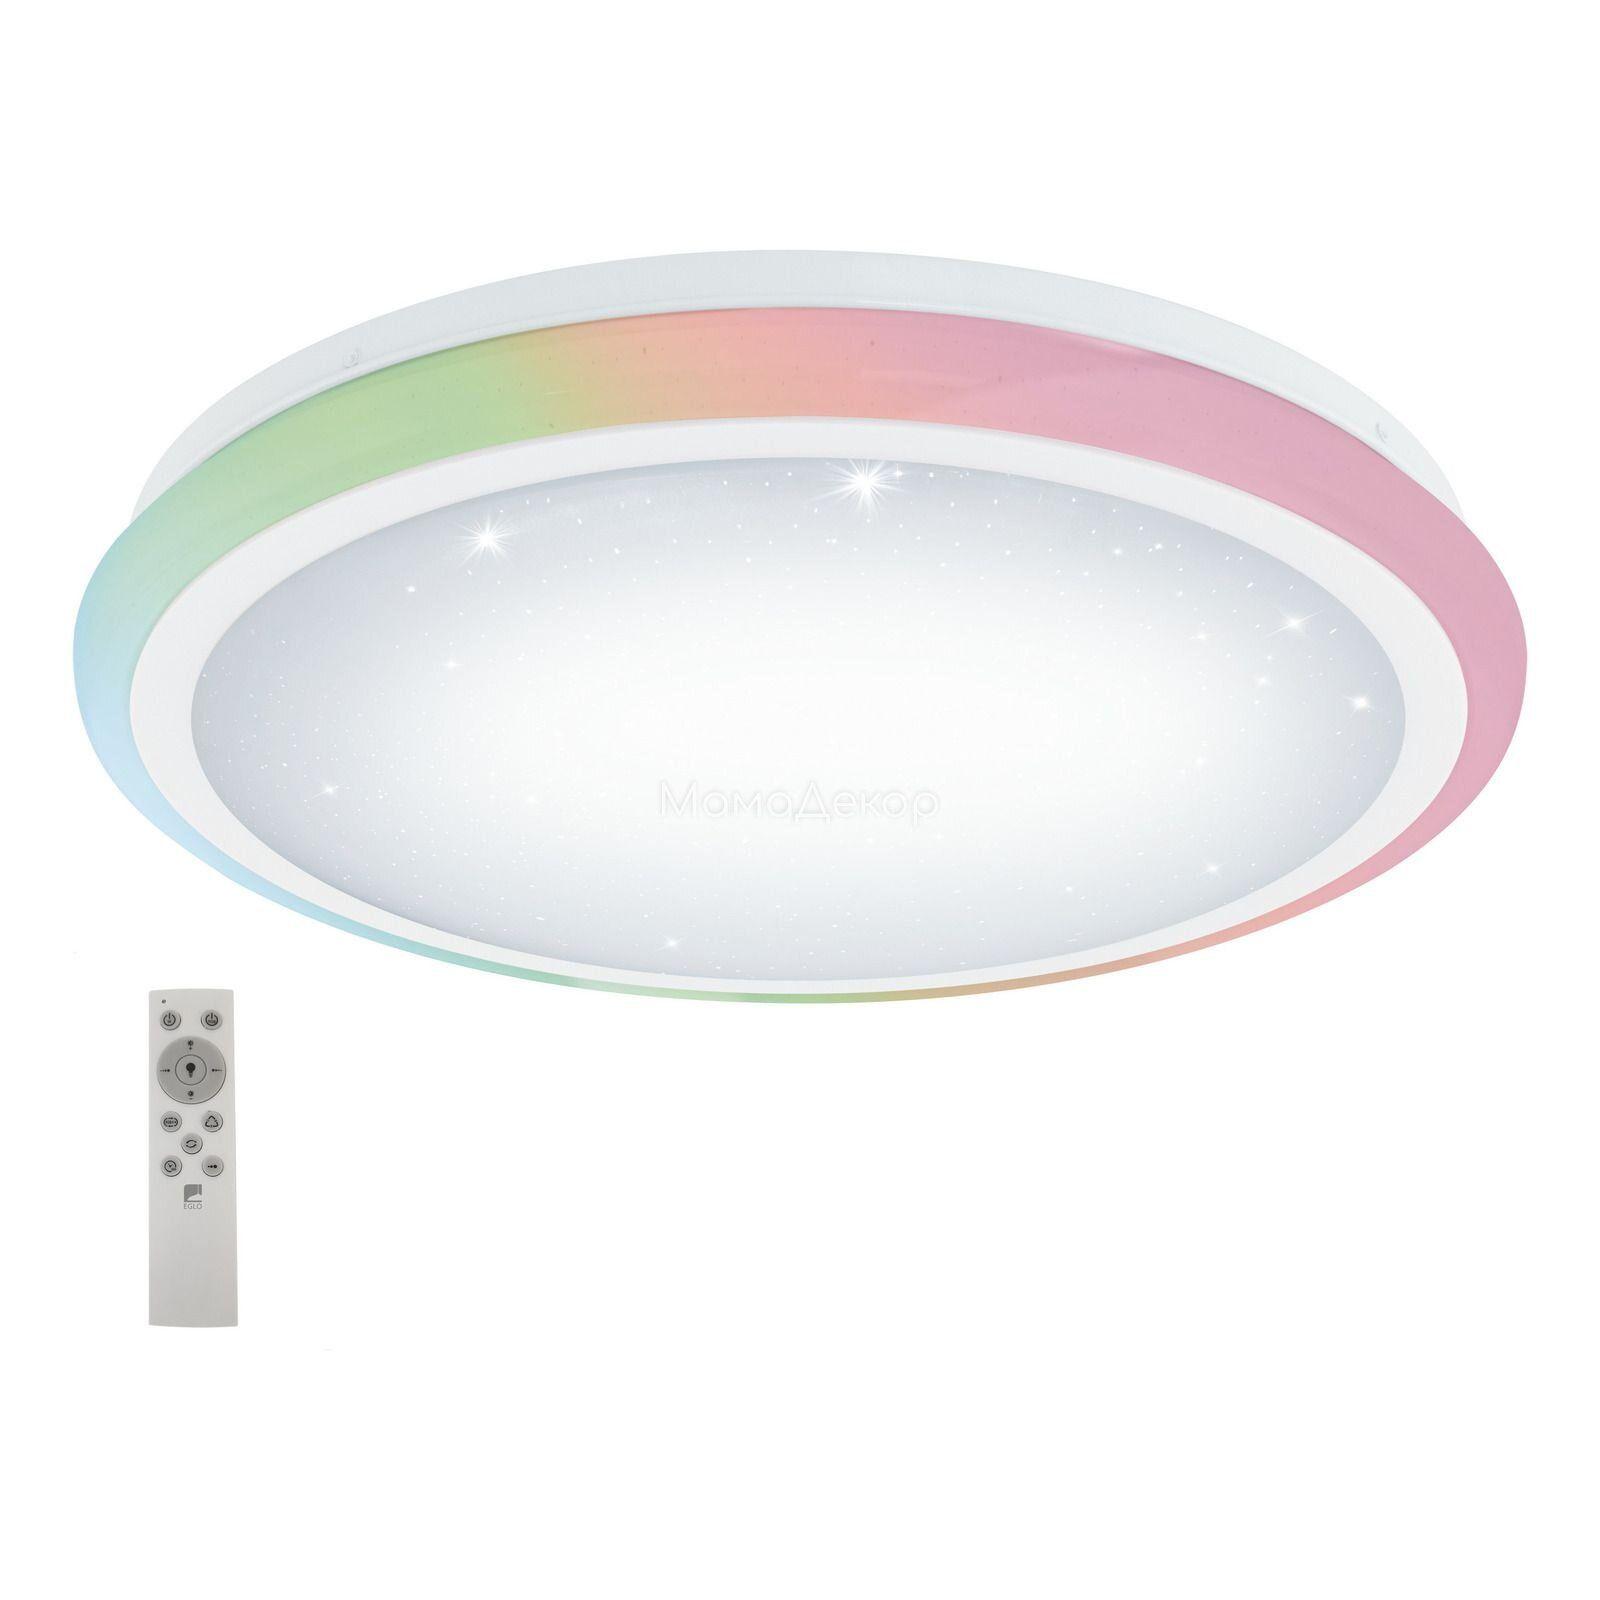 Stelovij Svitilnikrozmiri 7 40 Sm Lampi 1sht X 45vt Led